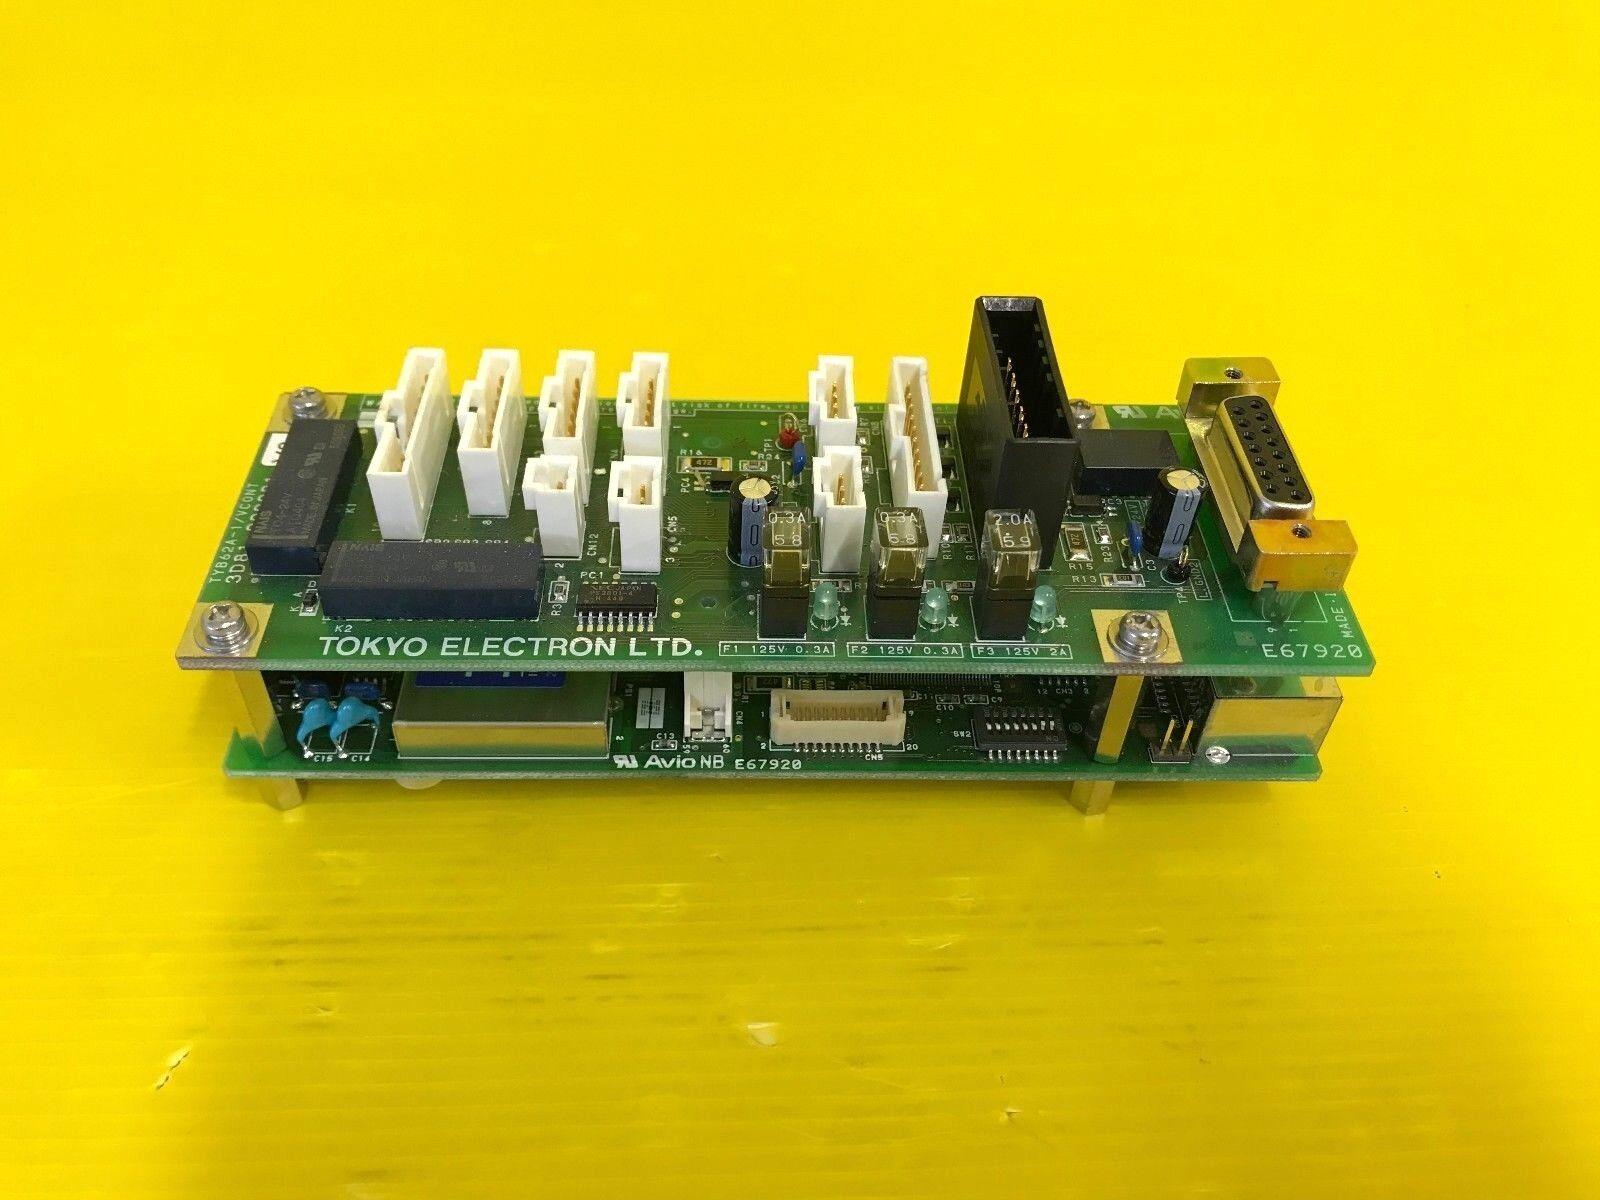 TEL TOKYO ELECTRON TYB62A-1 VCONT 3D81-000031-V3, TYB515-1 I016 3D81-000098-V1